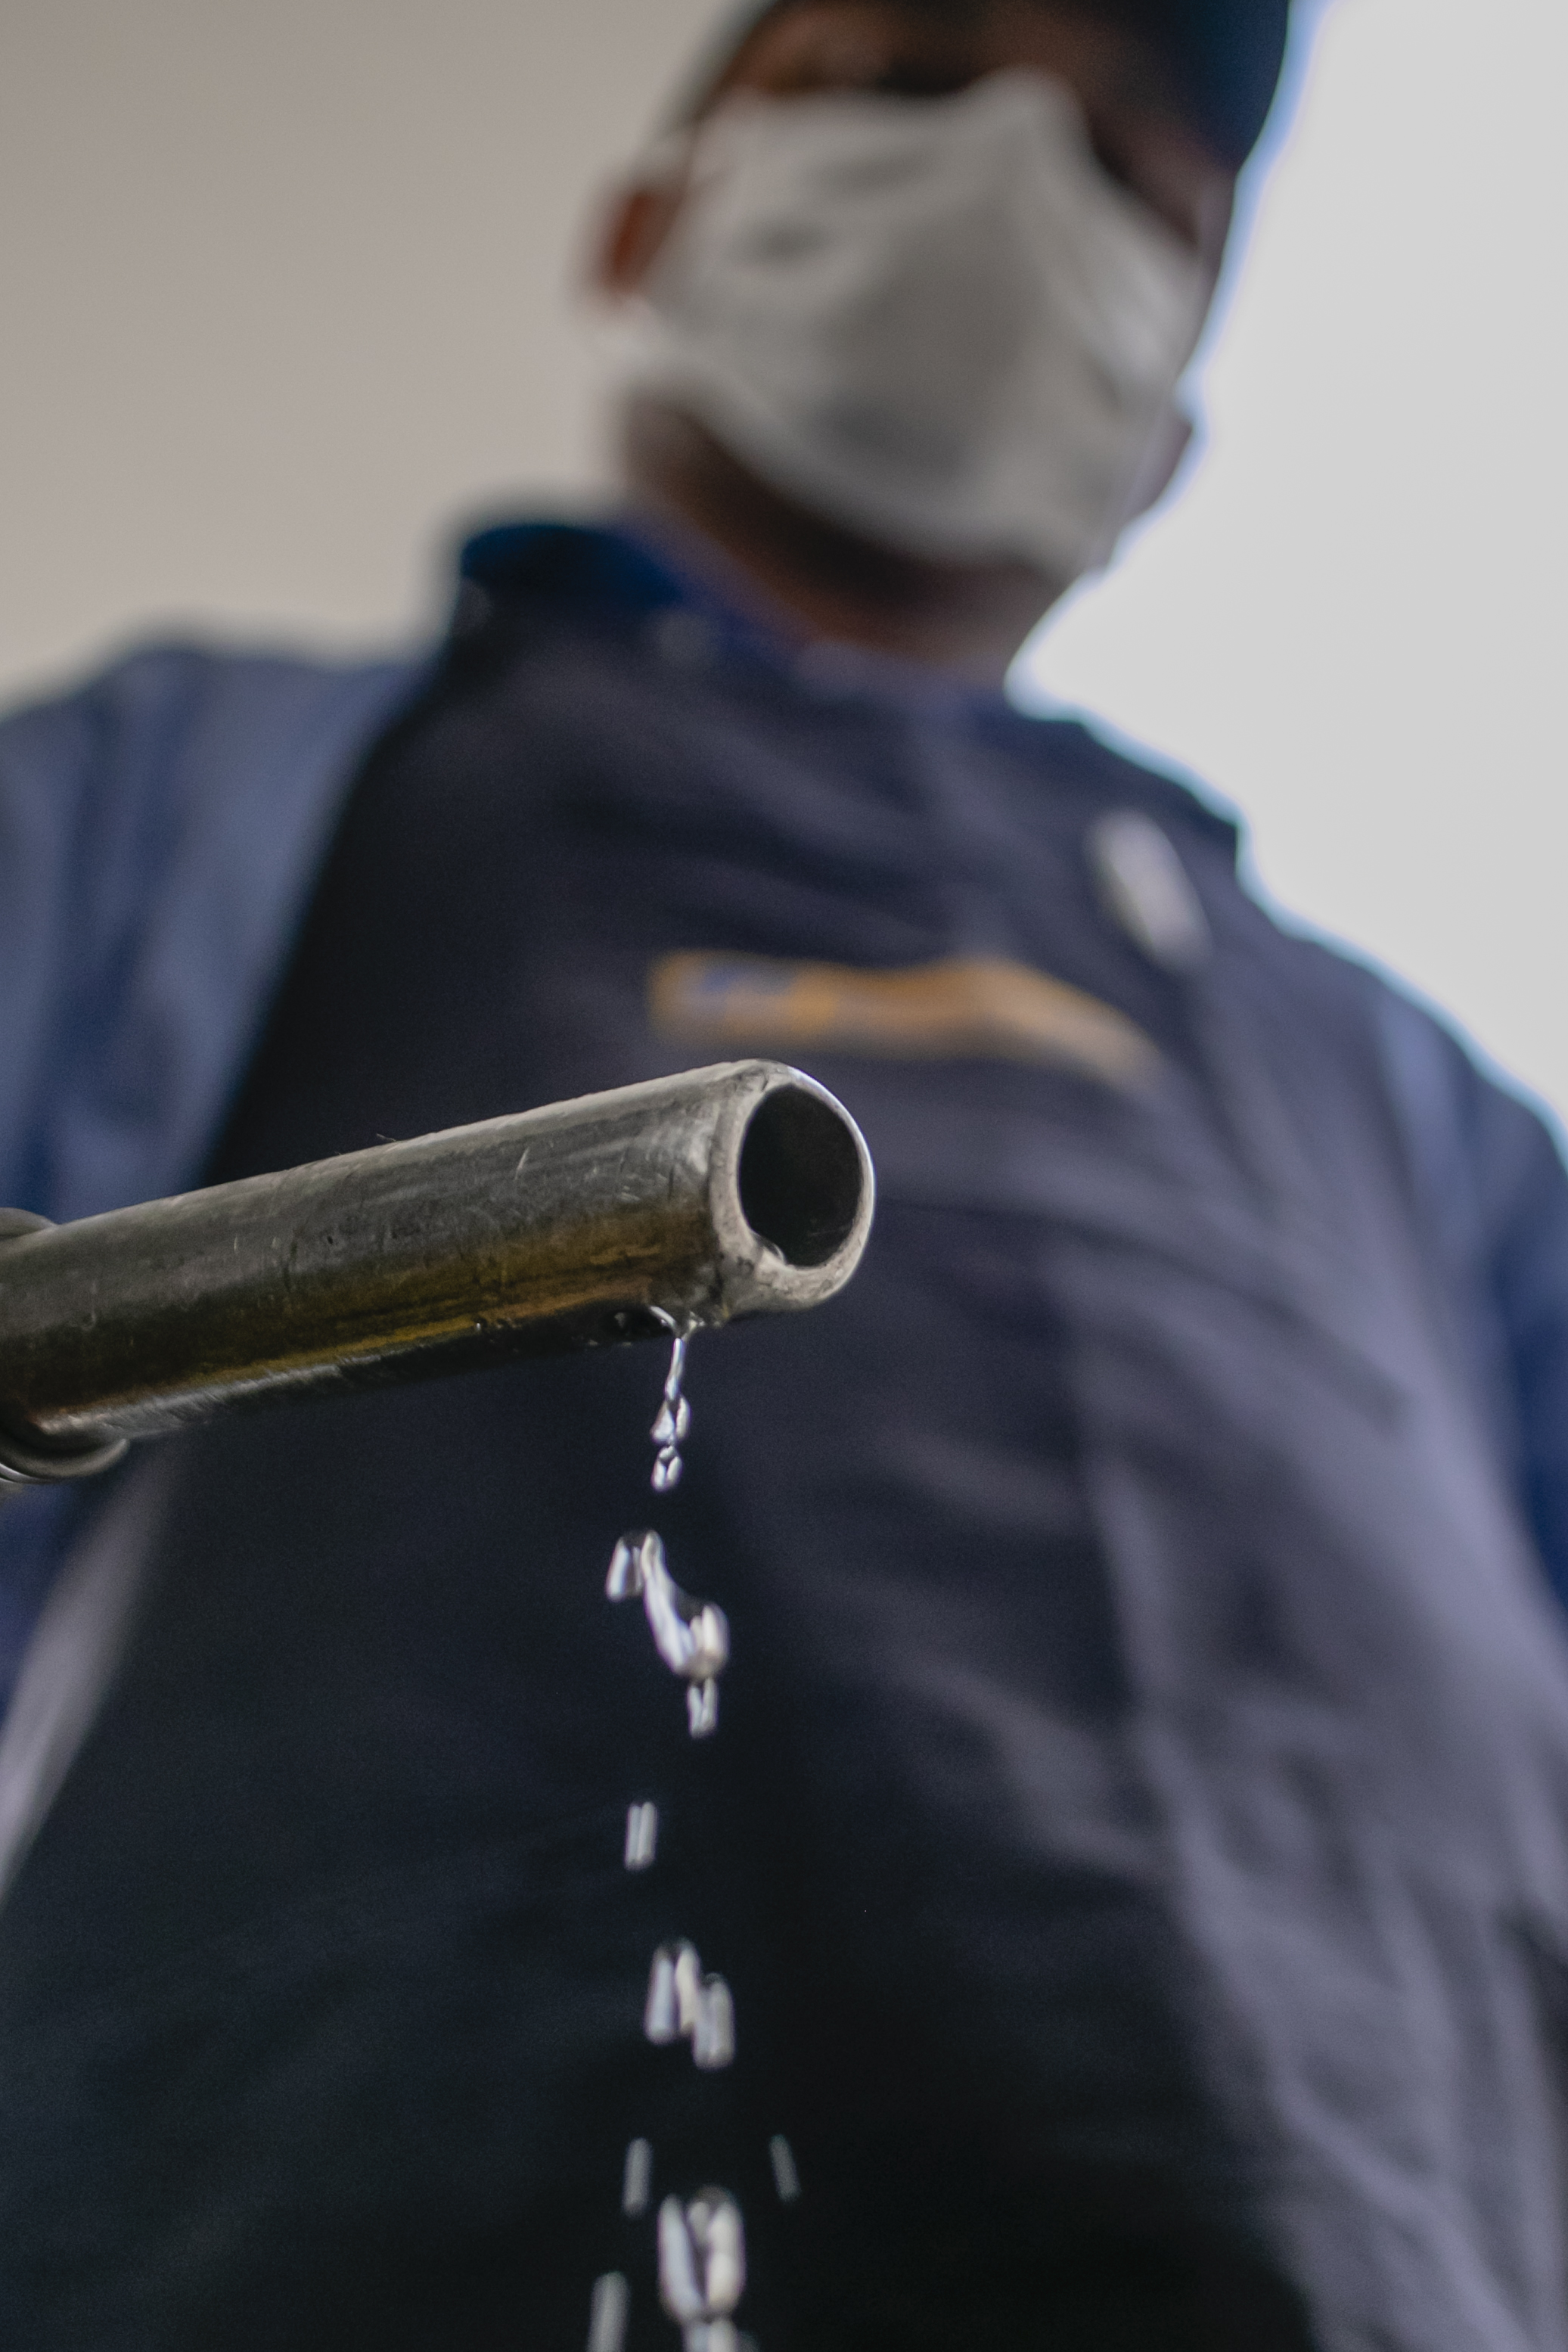 Preço médio do litro da gasolina do Ceará é o 5º mais caro do Nordeste